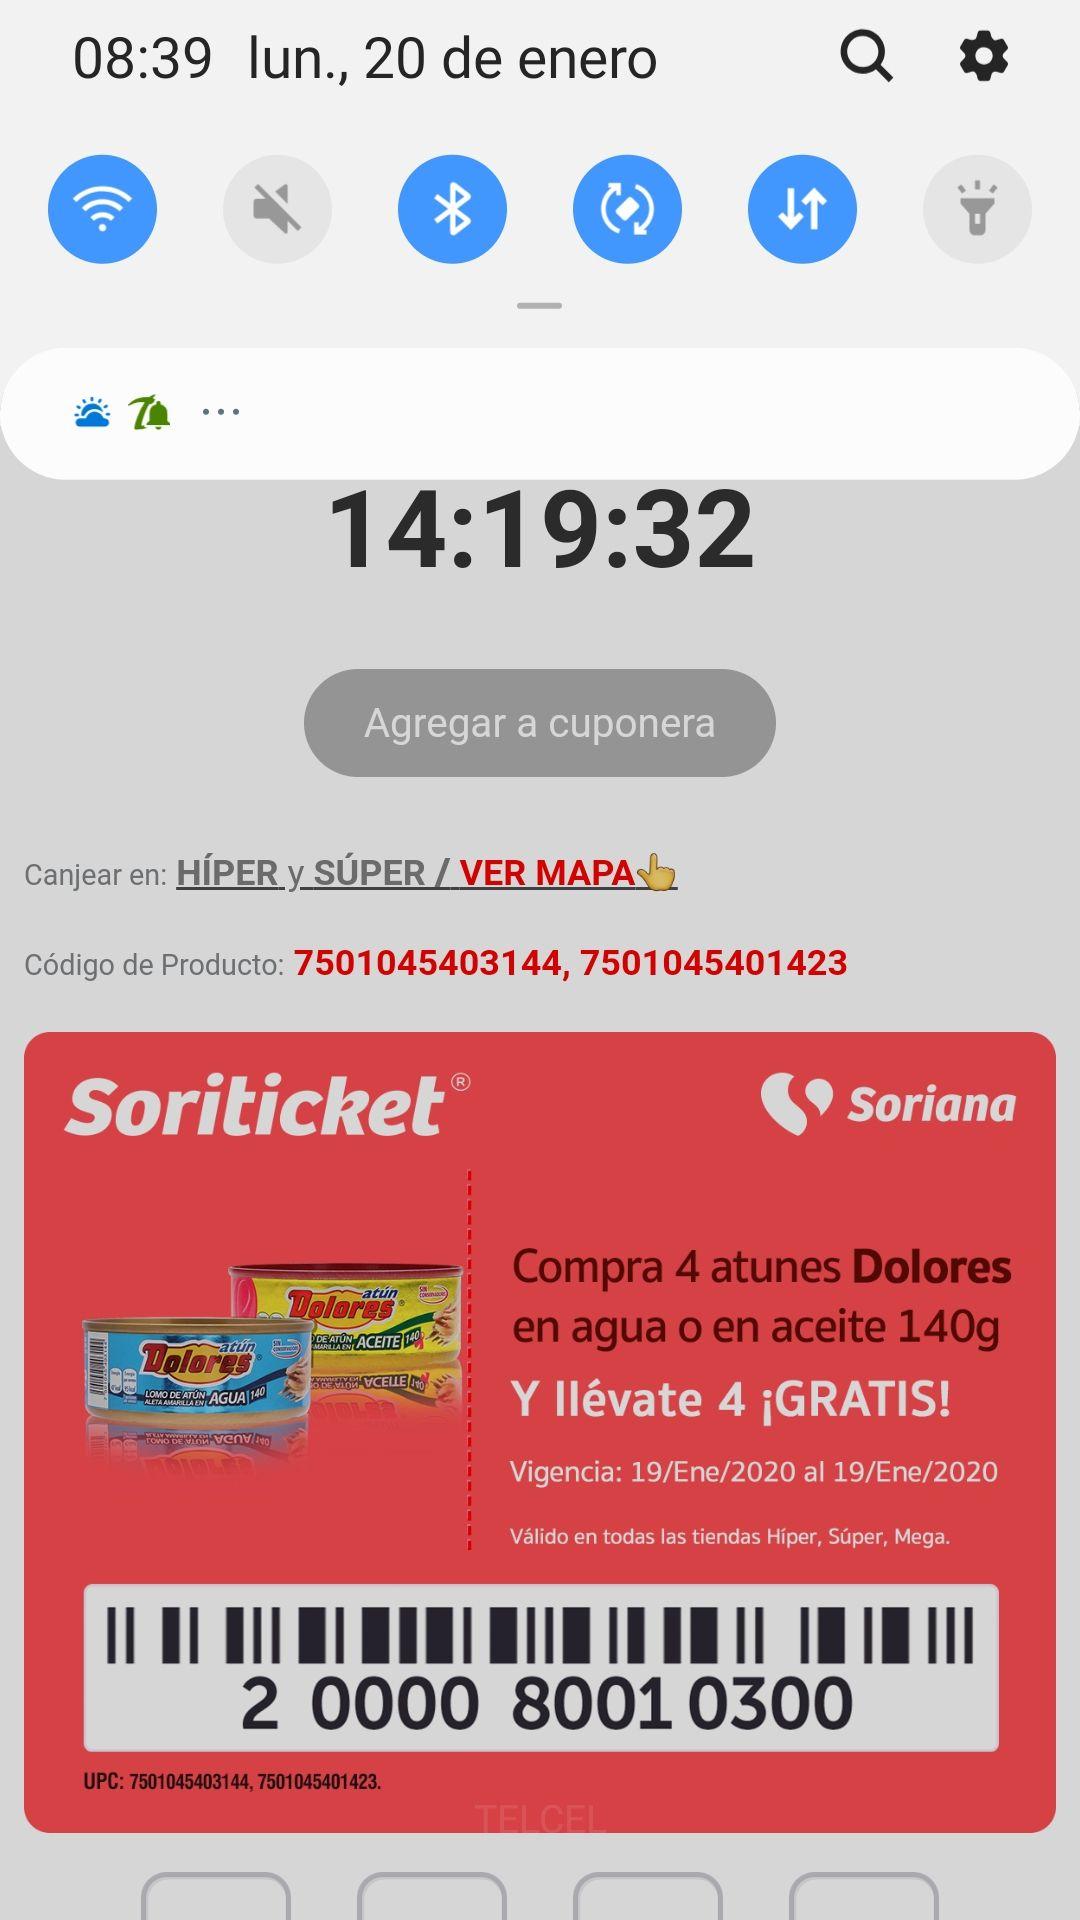 Soriana Soticket: Compra 4 atunes y recibe otros 4 gratis